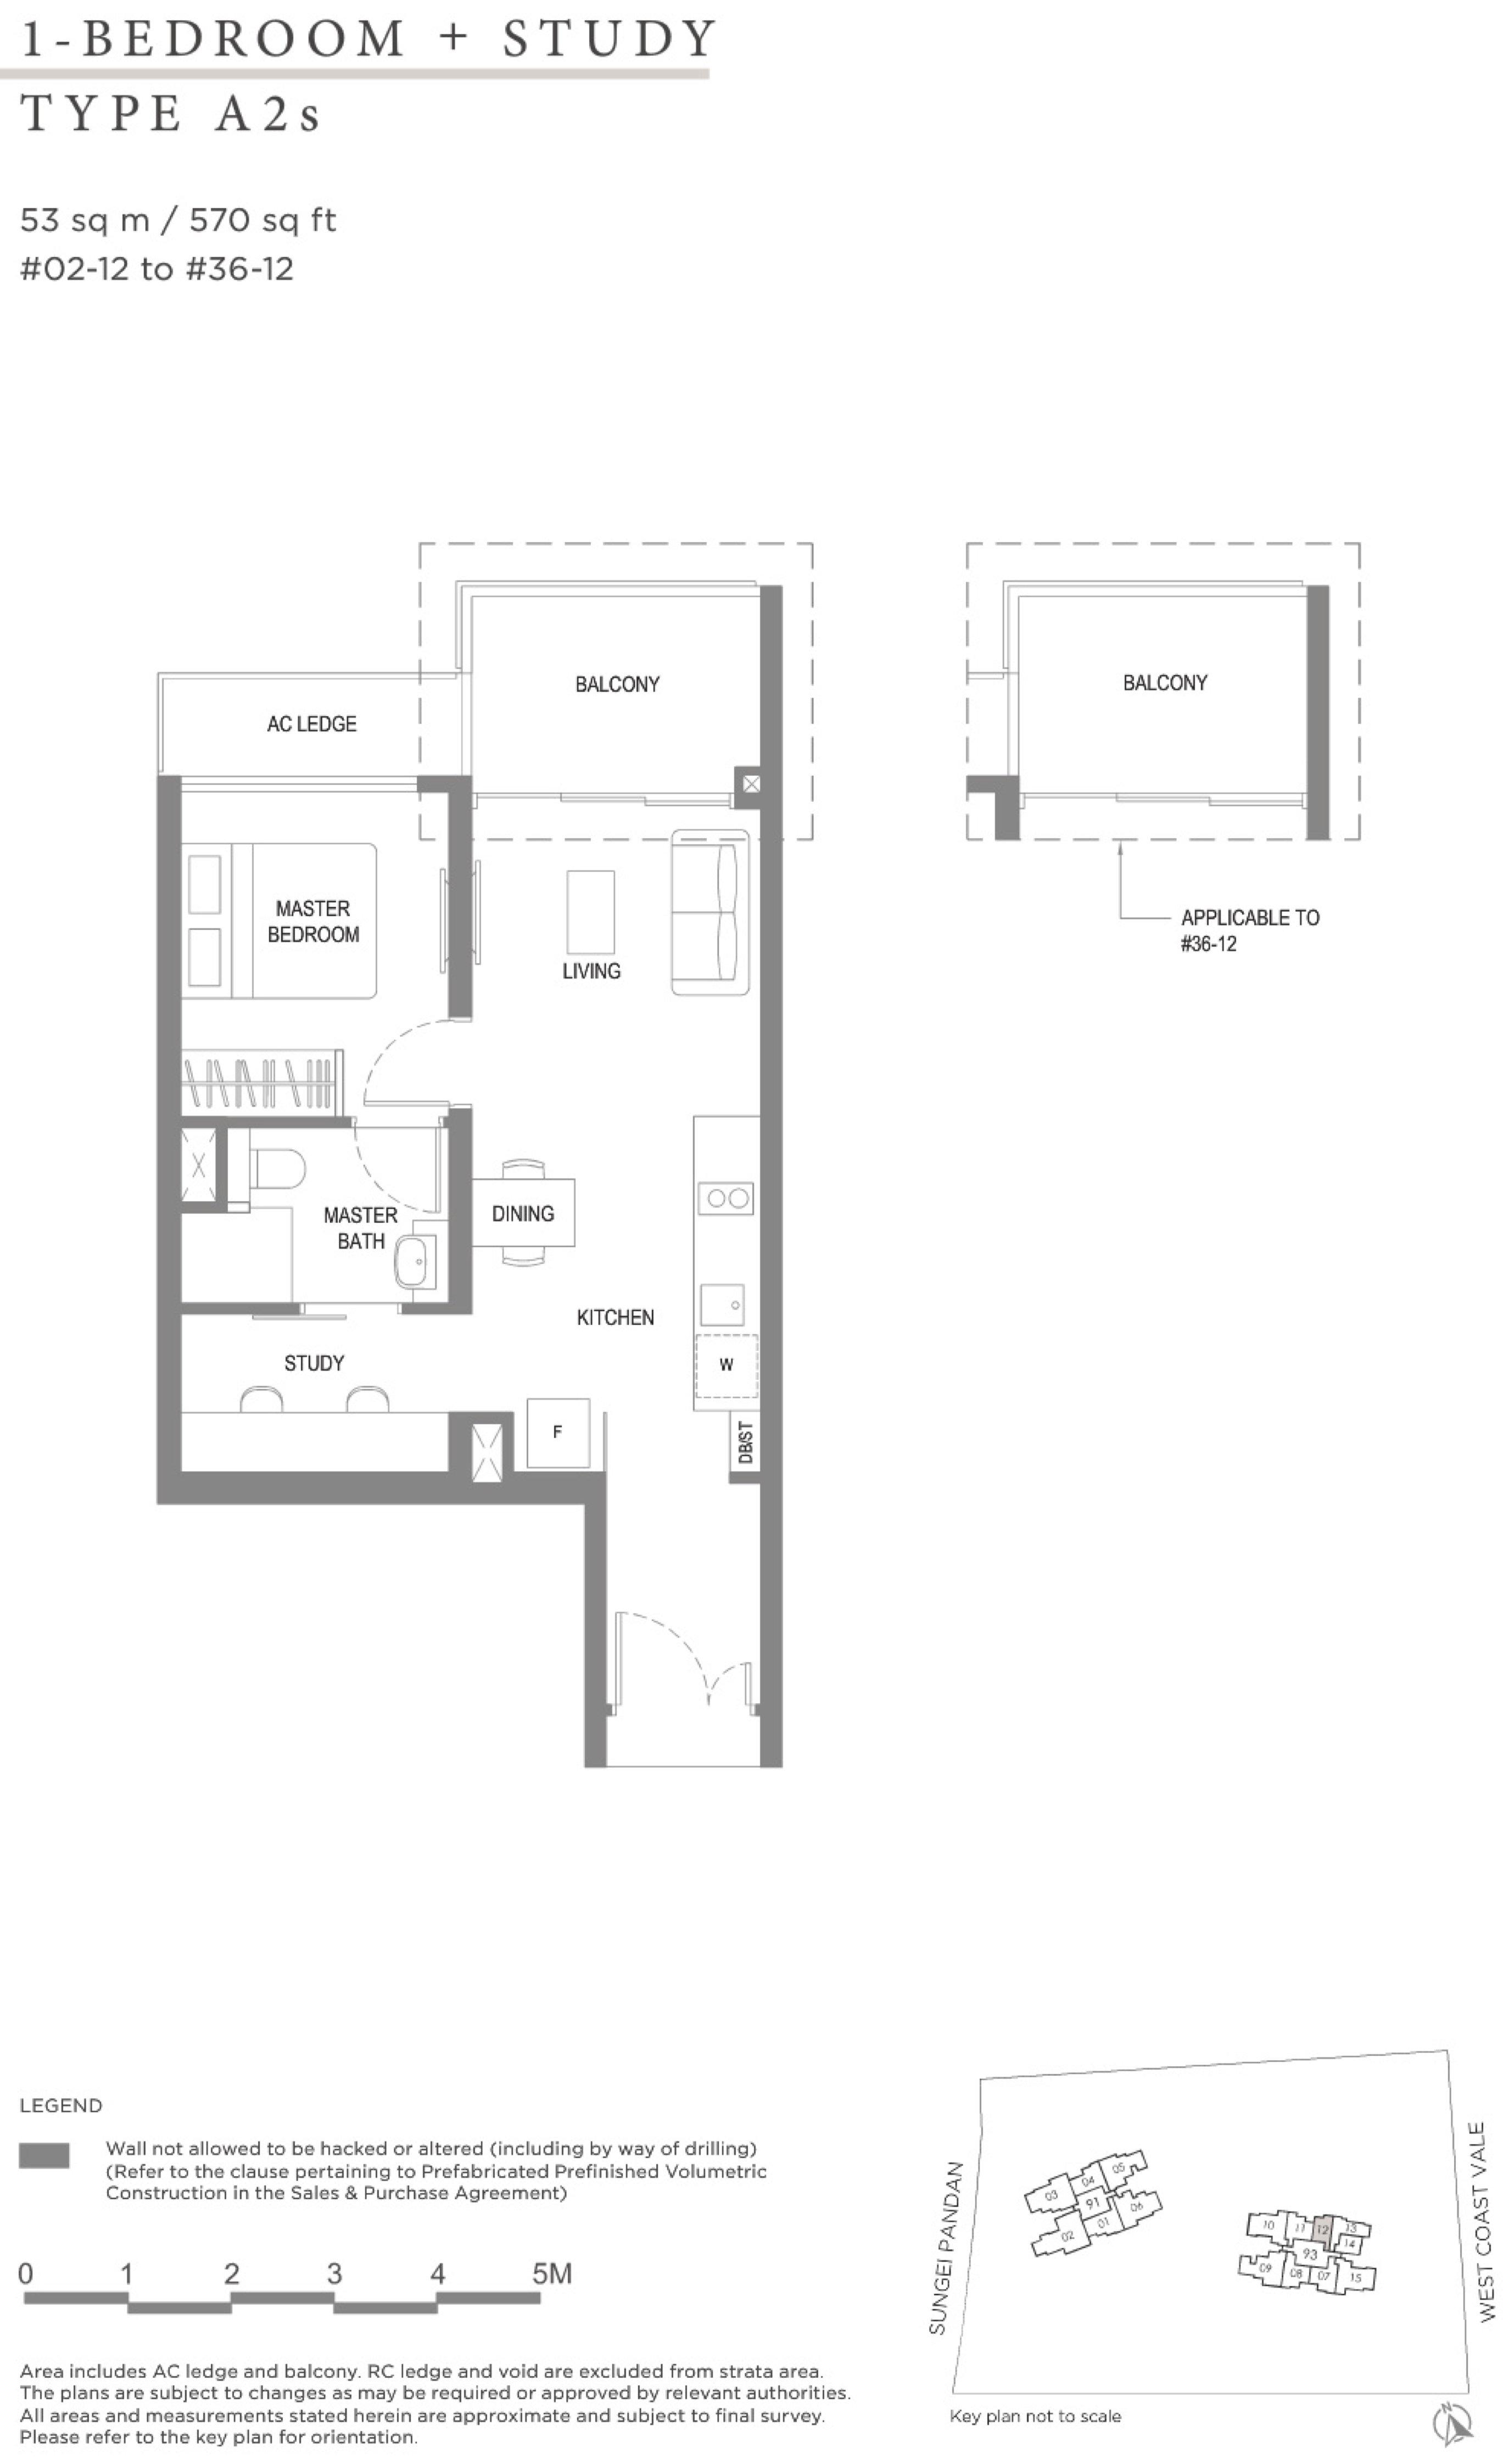 Twin VEW 1 bedroom study A2s floor plan